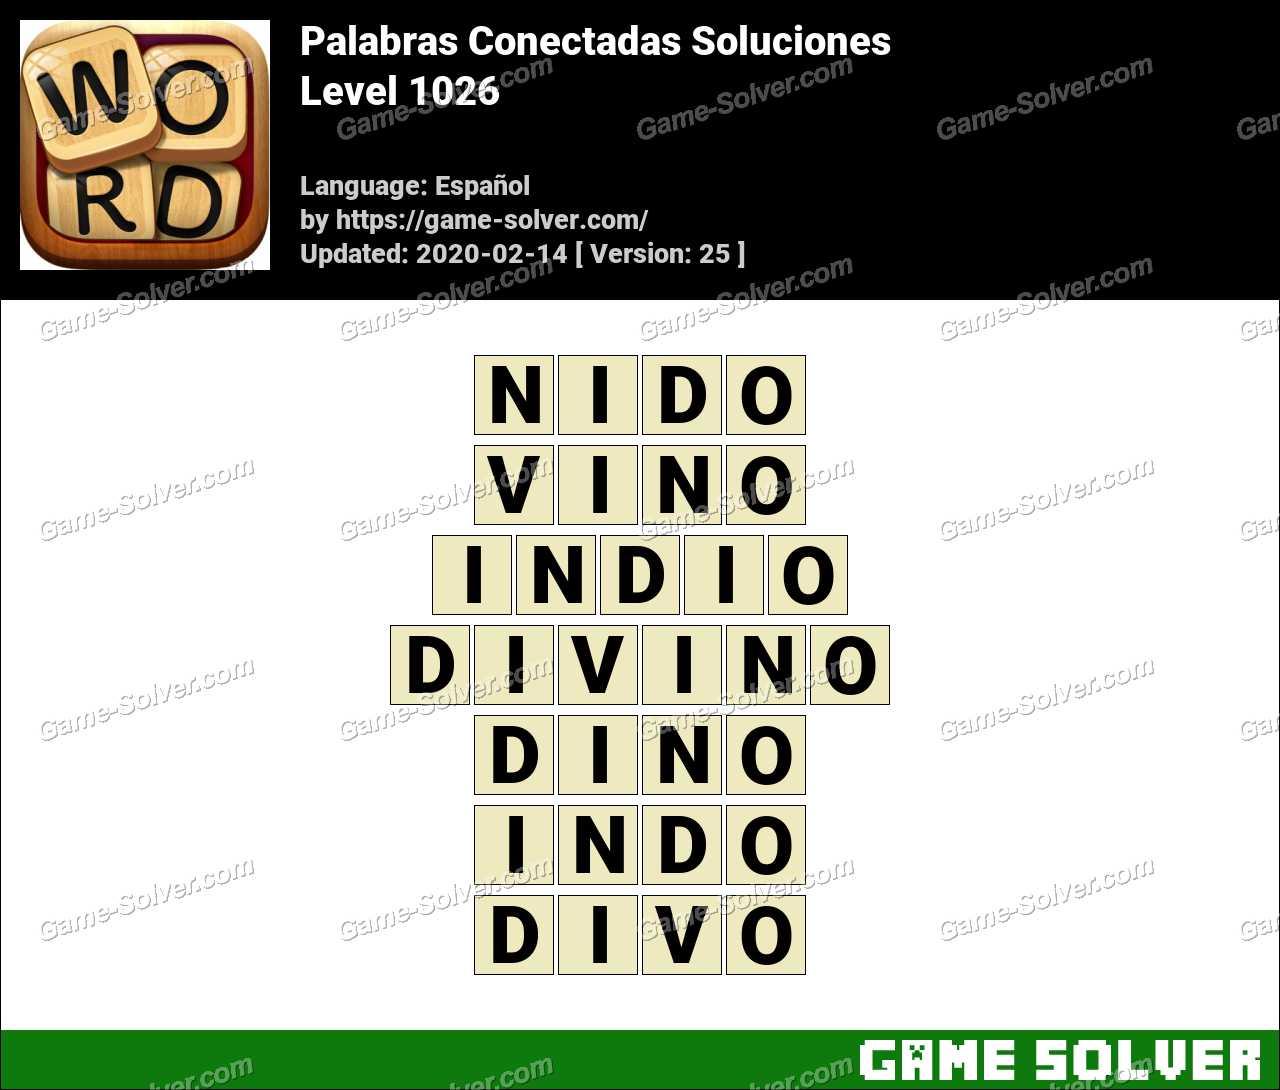 Palabras Conectadas Nivel 1026 Soluciones